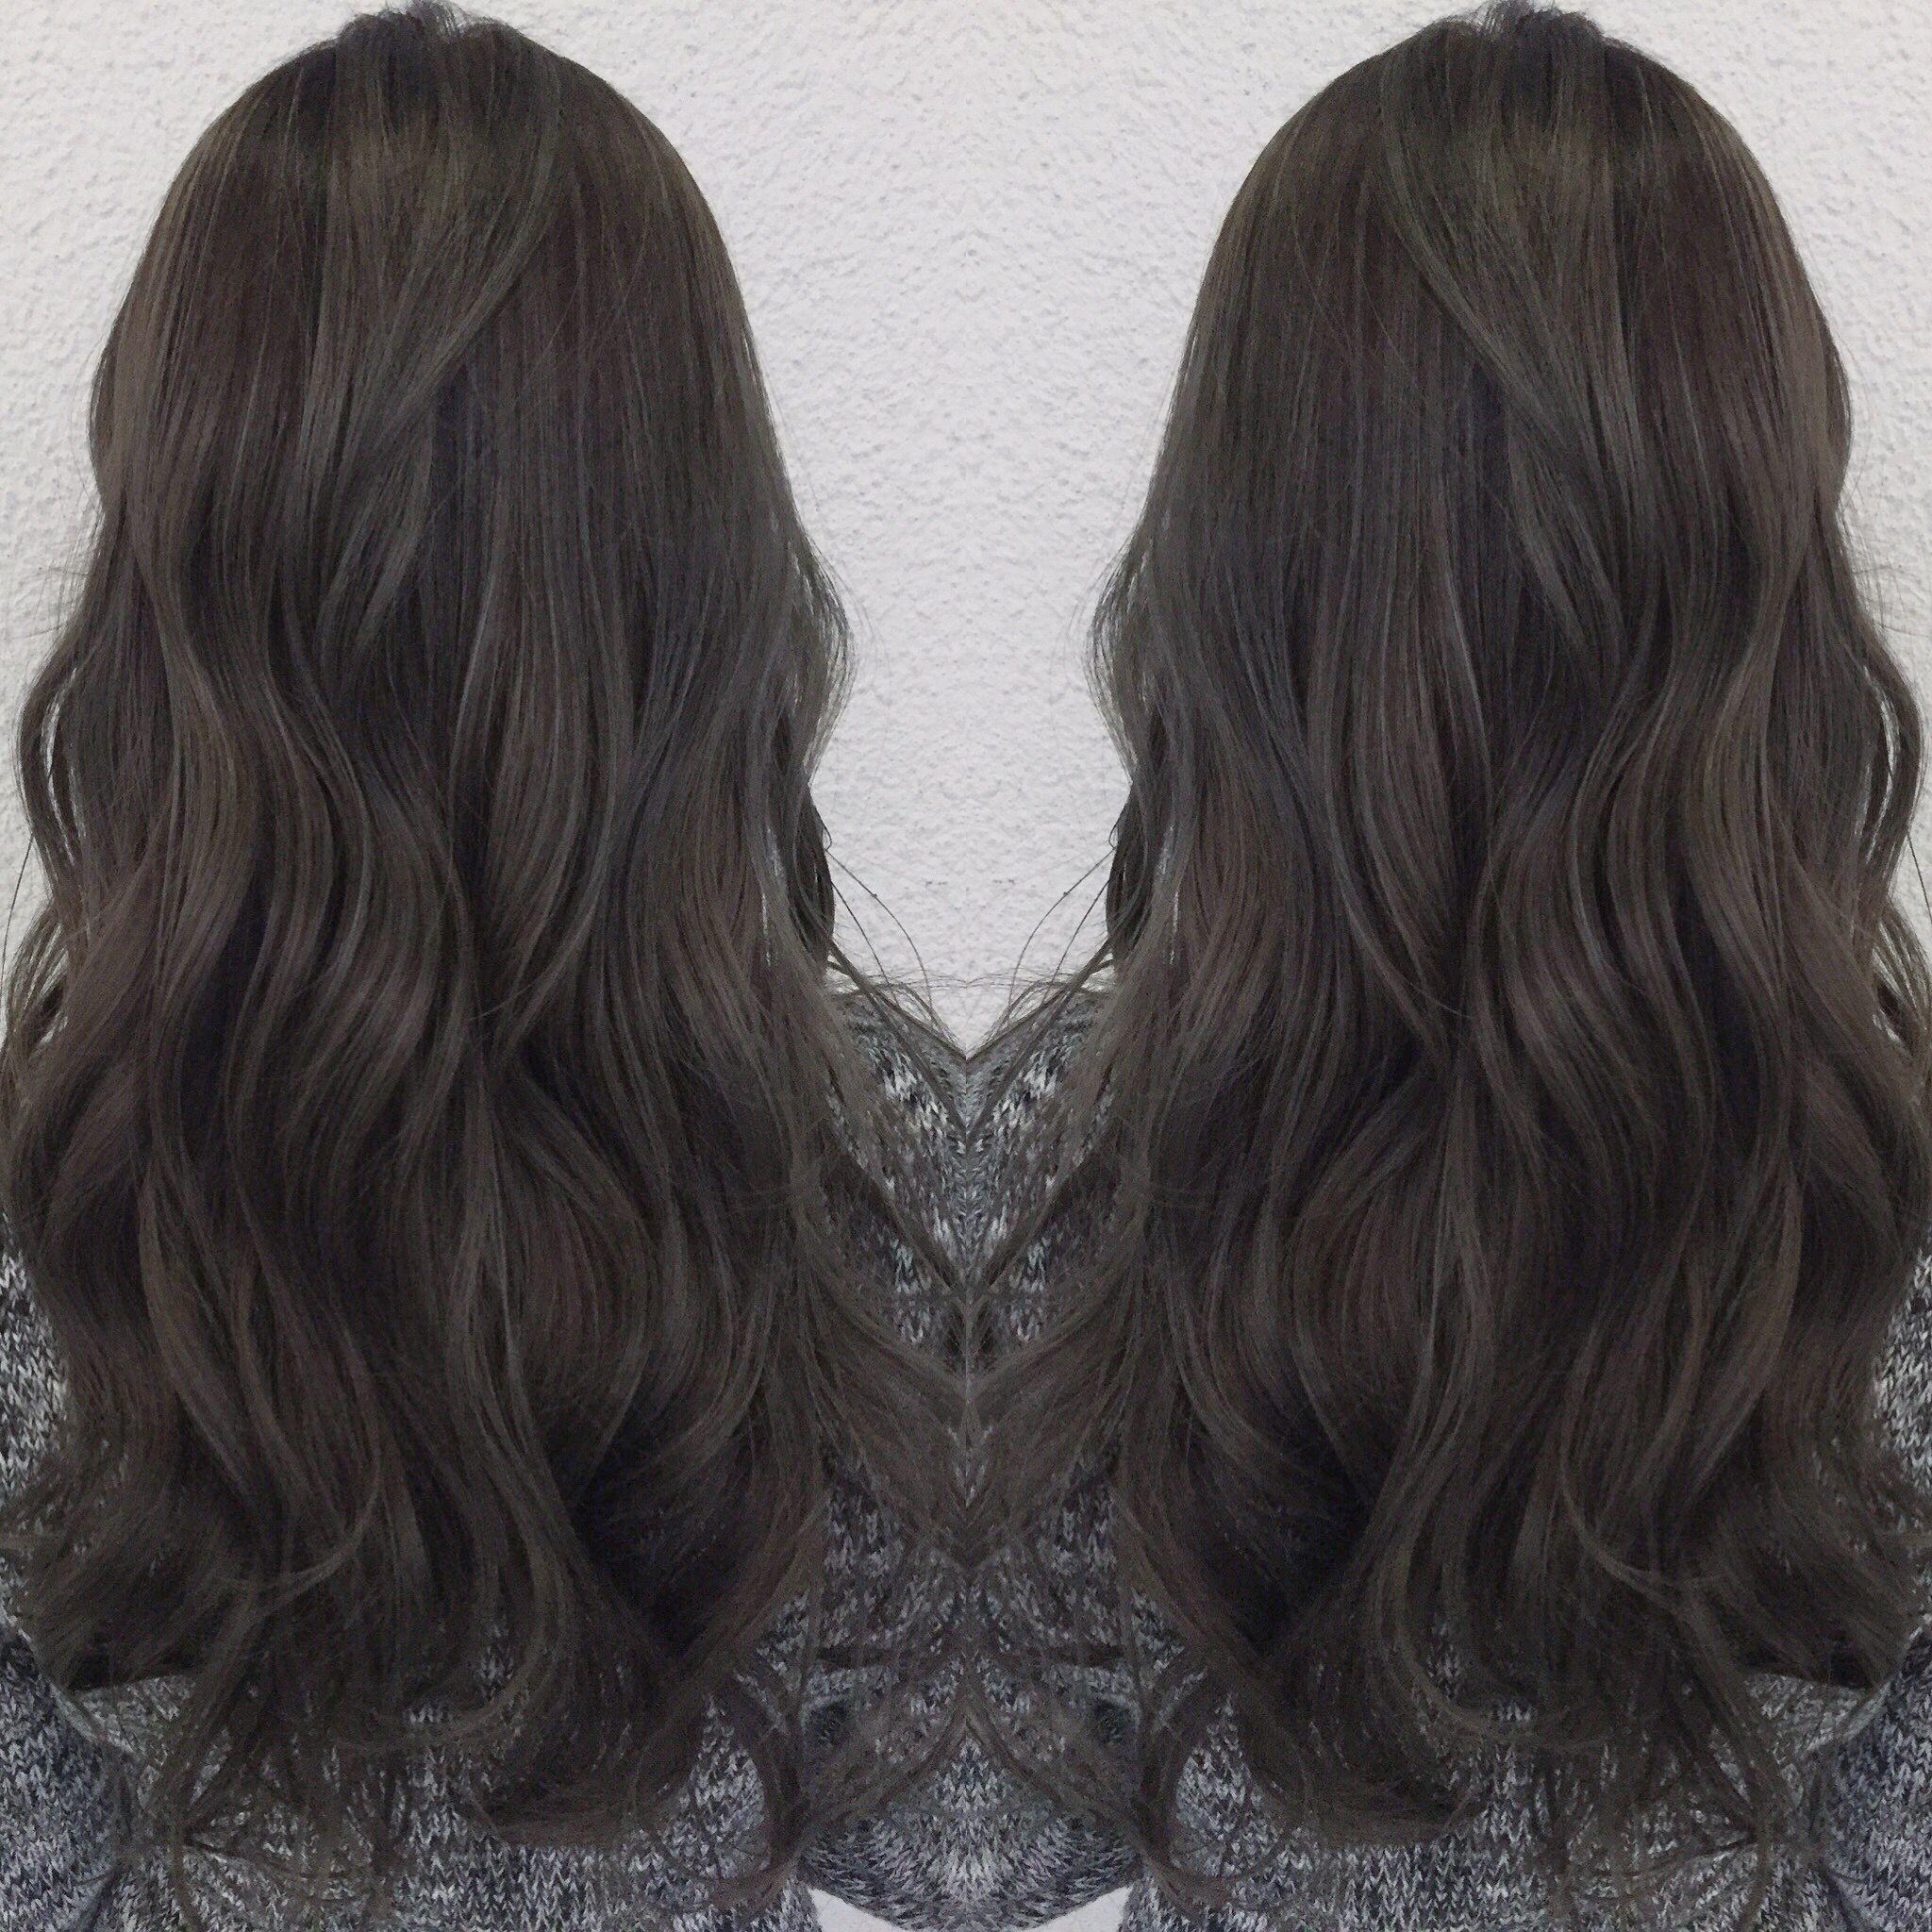 ダークグレージュ 髪 カラー 髪型 ヘアースタイル